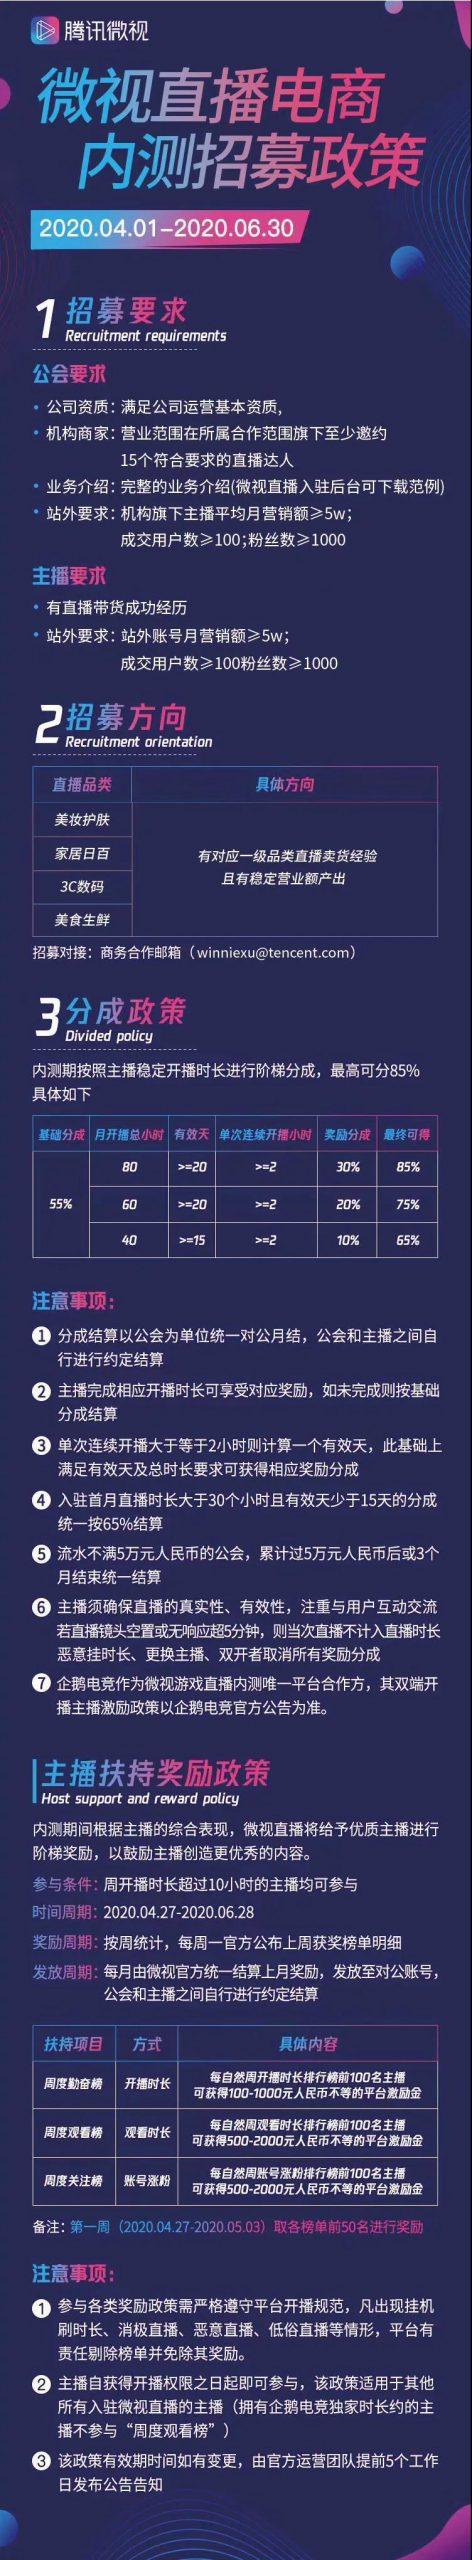 微视直播电商内测招募中:最高分成85%